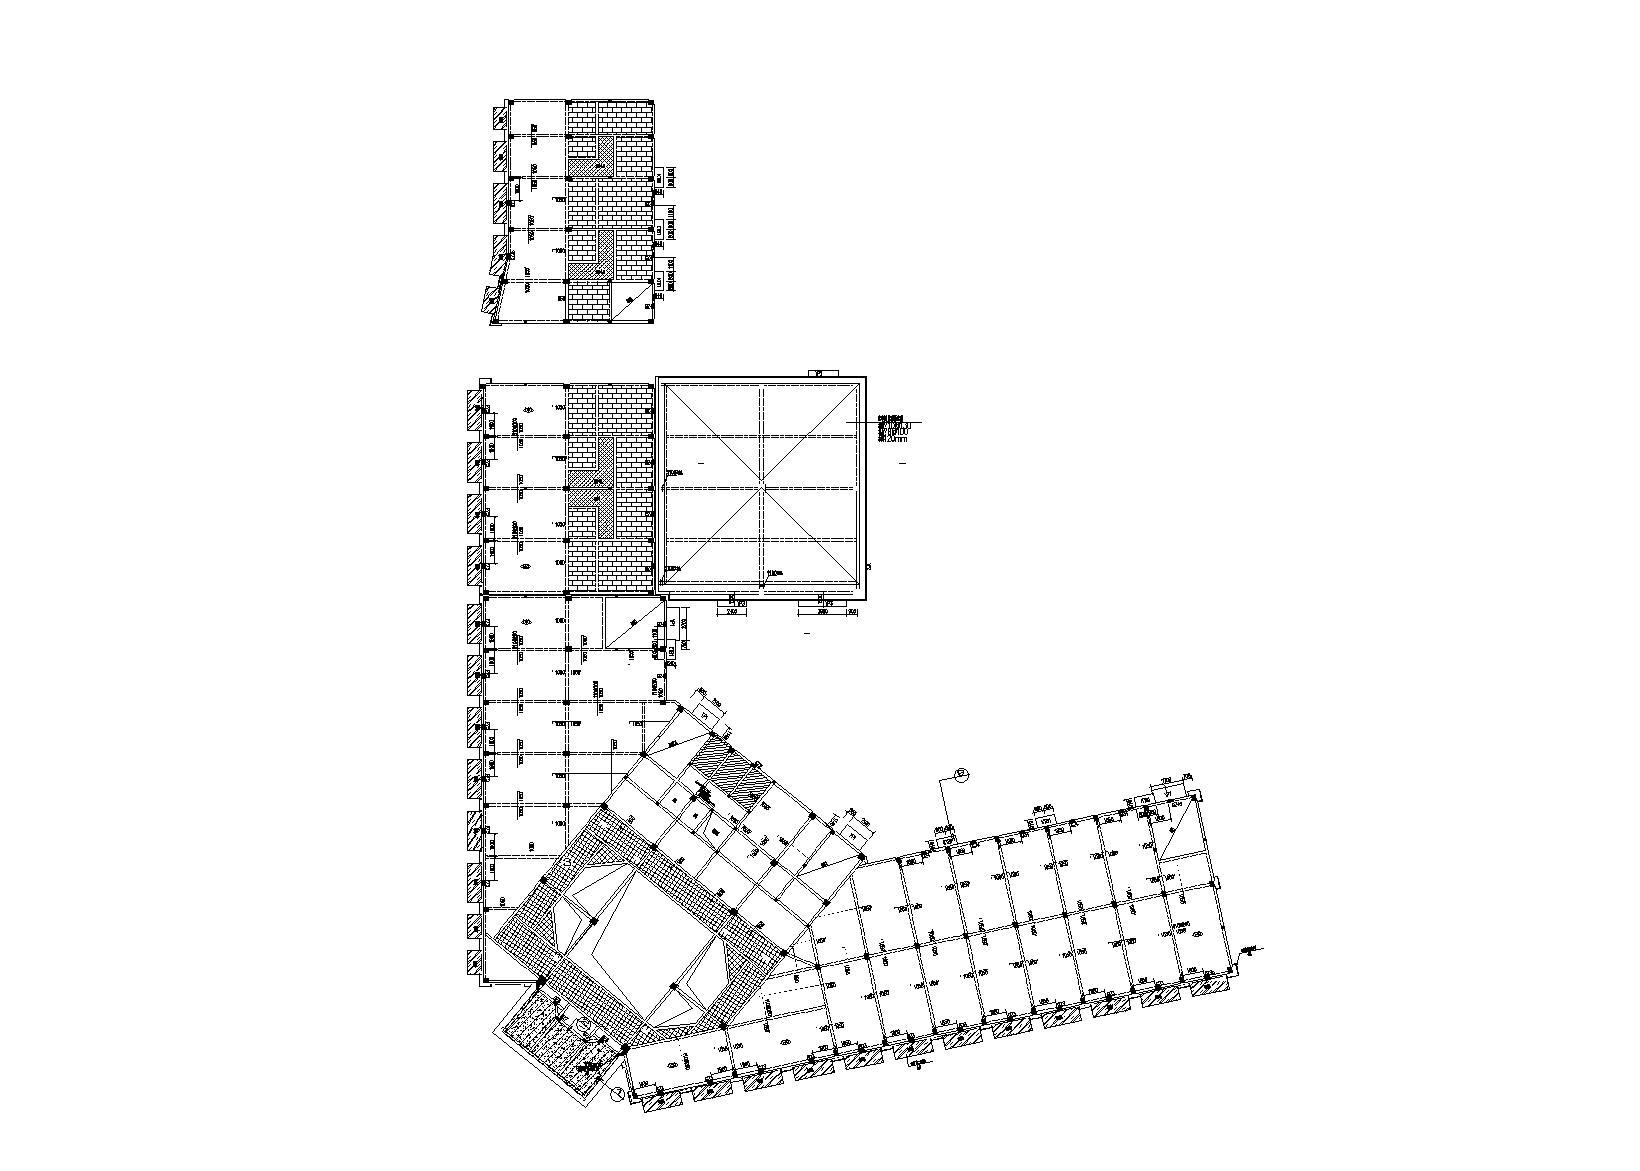 3层(局部4层)框架结构商业用房亿客隆彩票首页图(亿客隆彩票平台结构水电,2015)